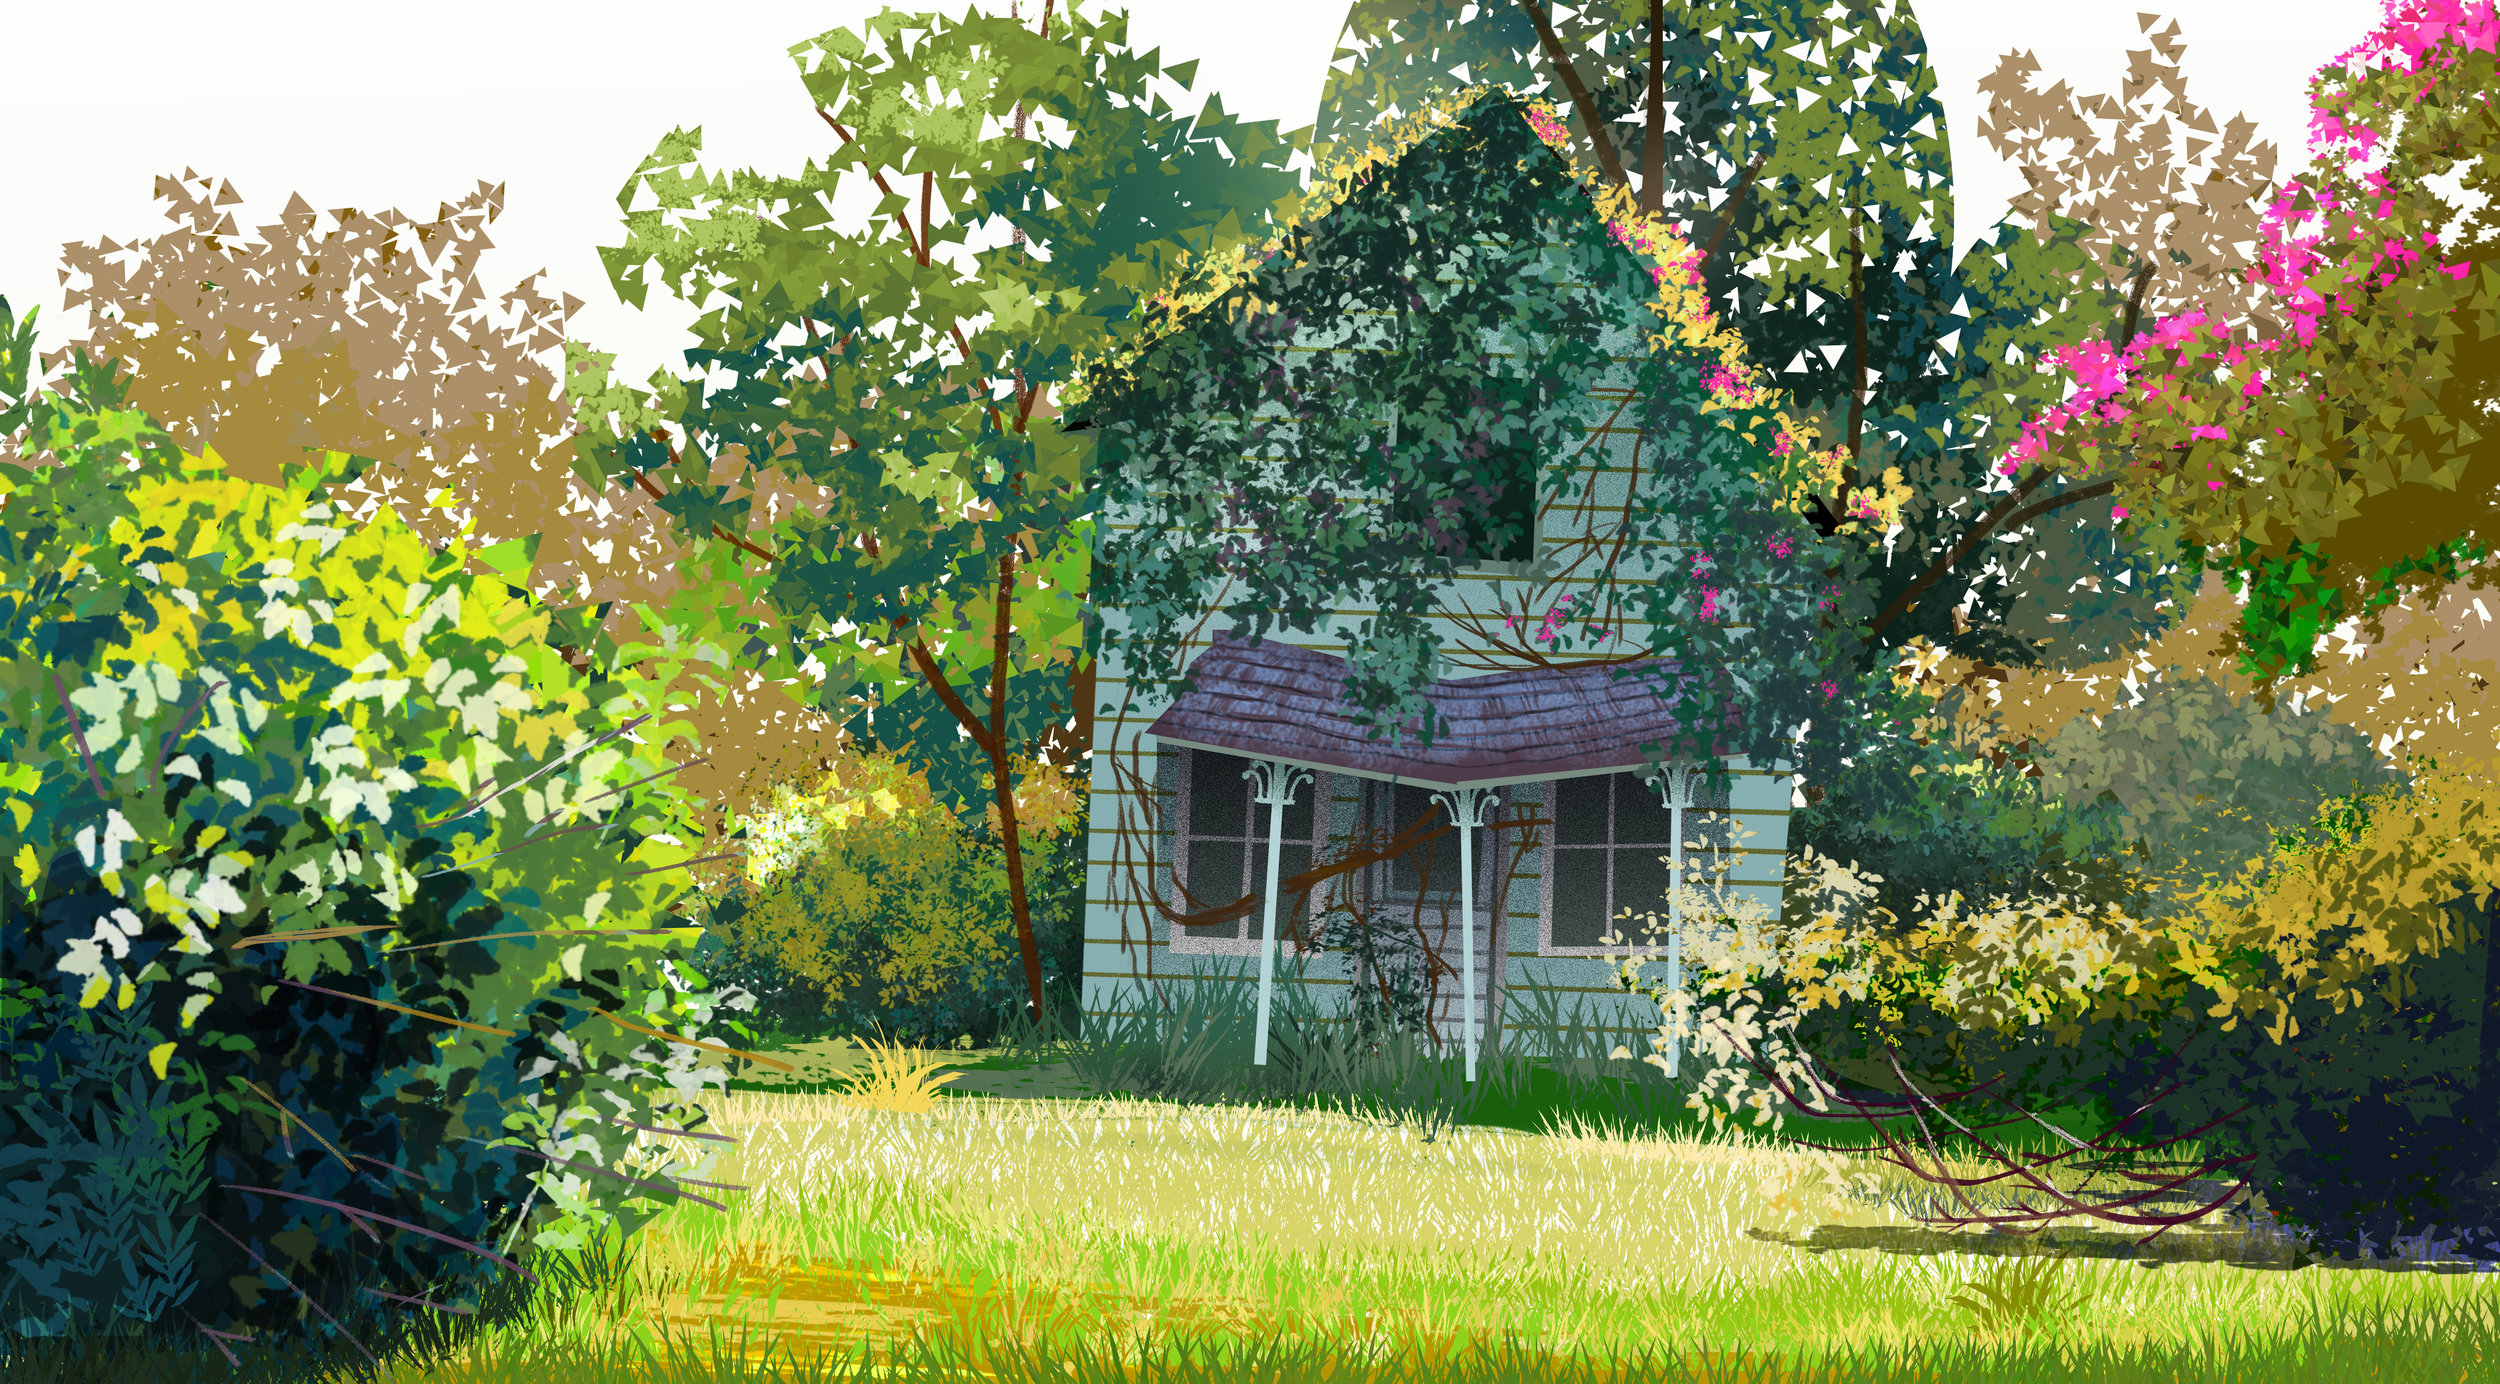 abandonedhouse1_3.jpg